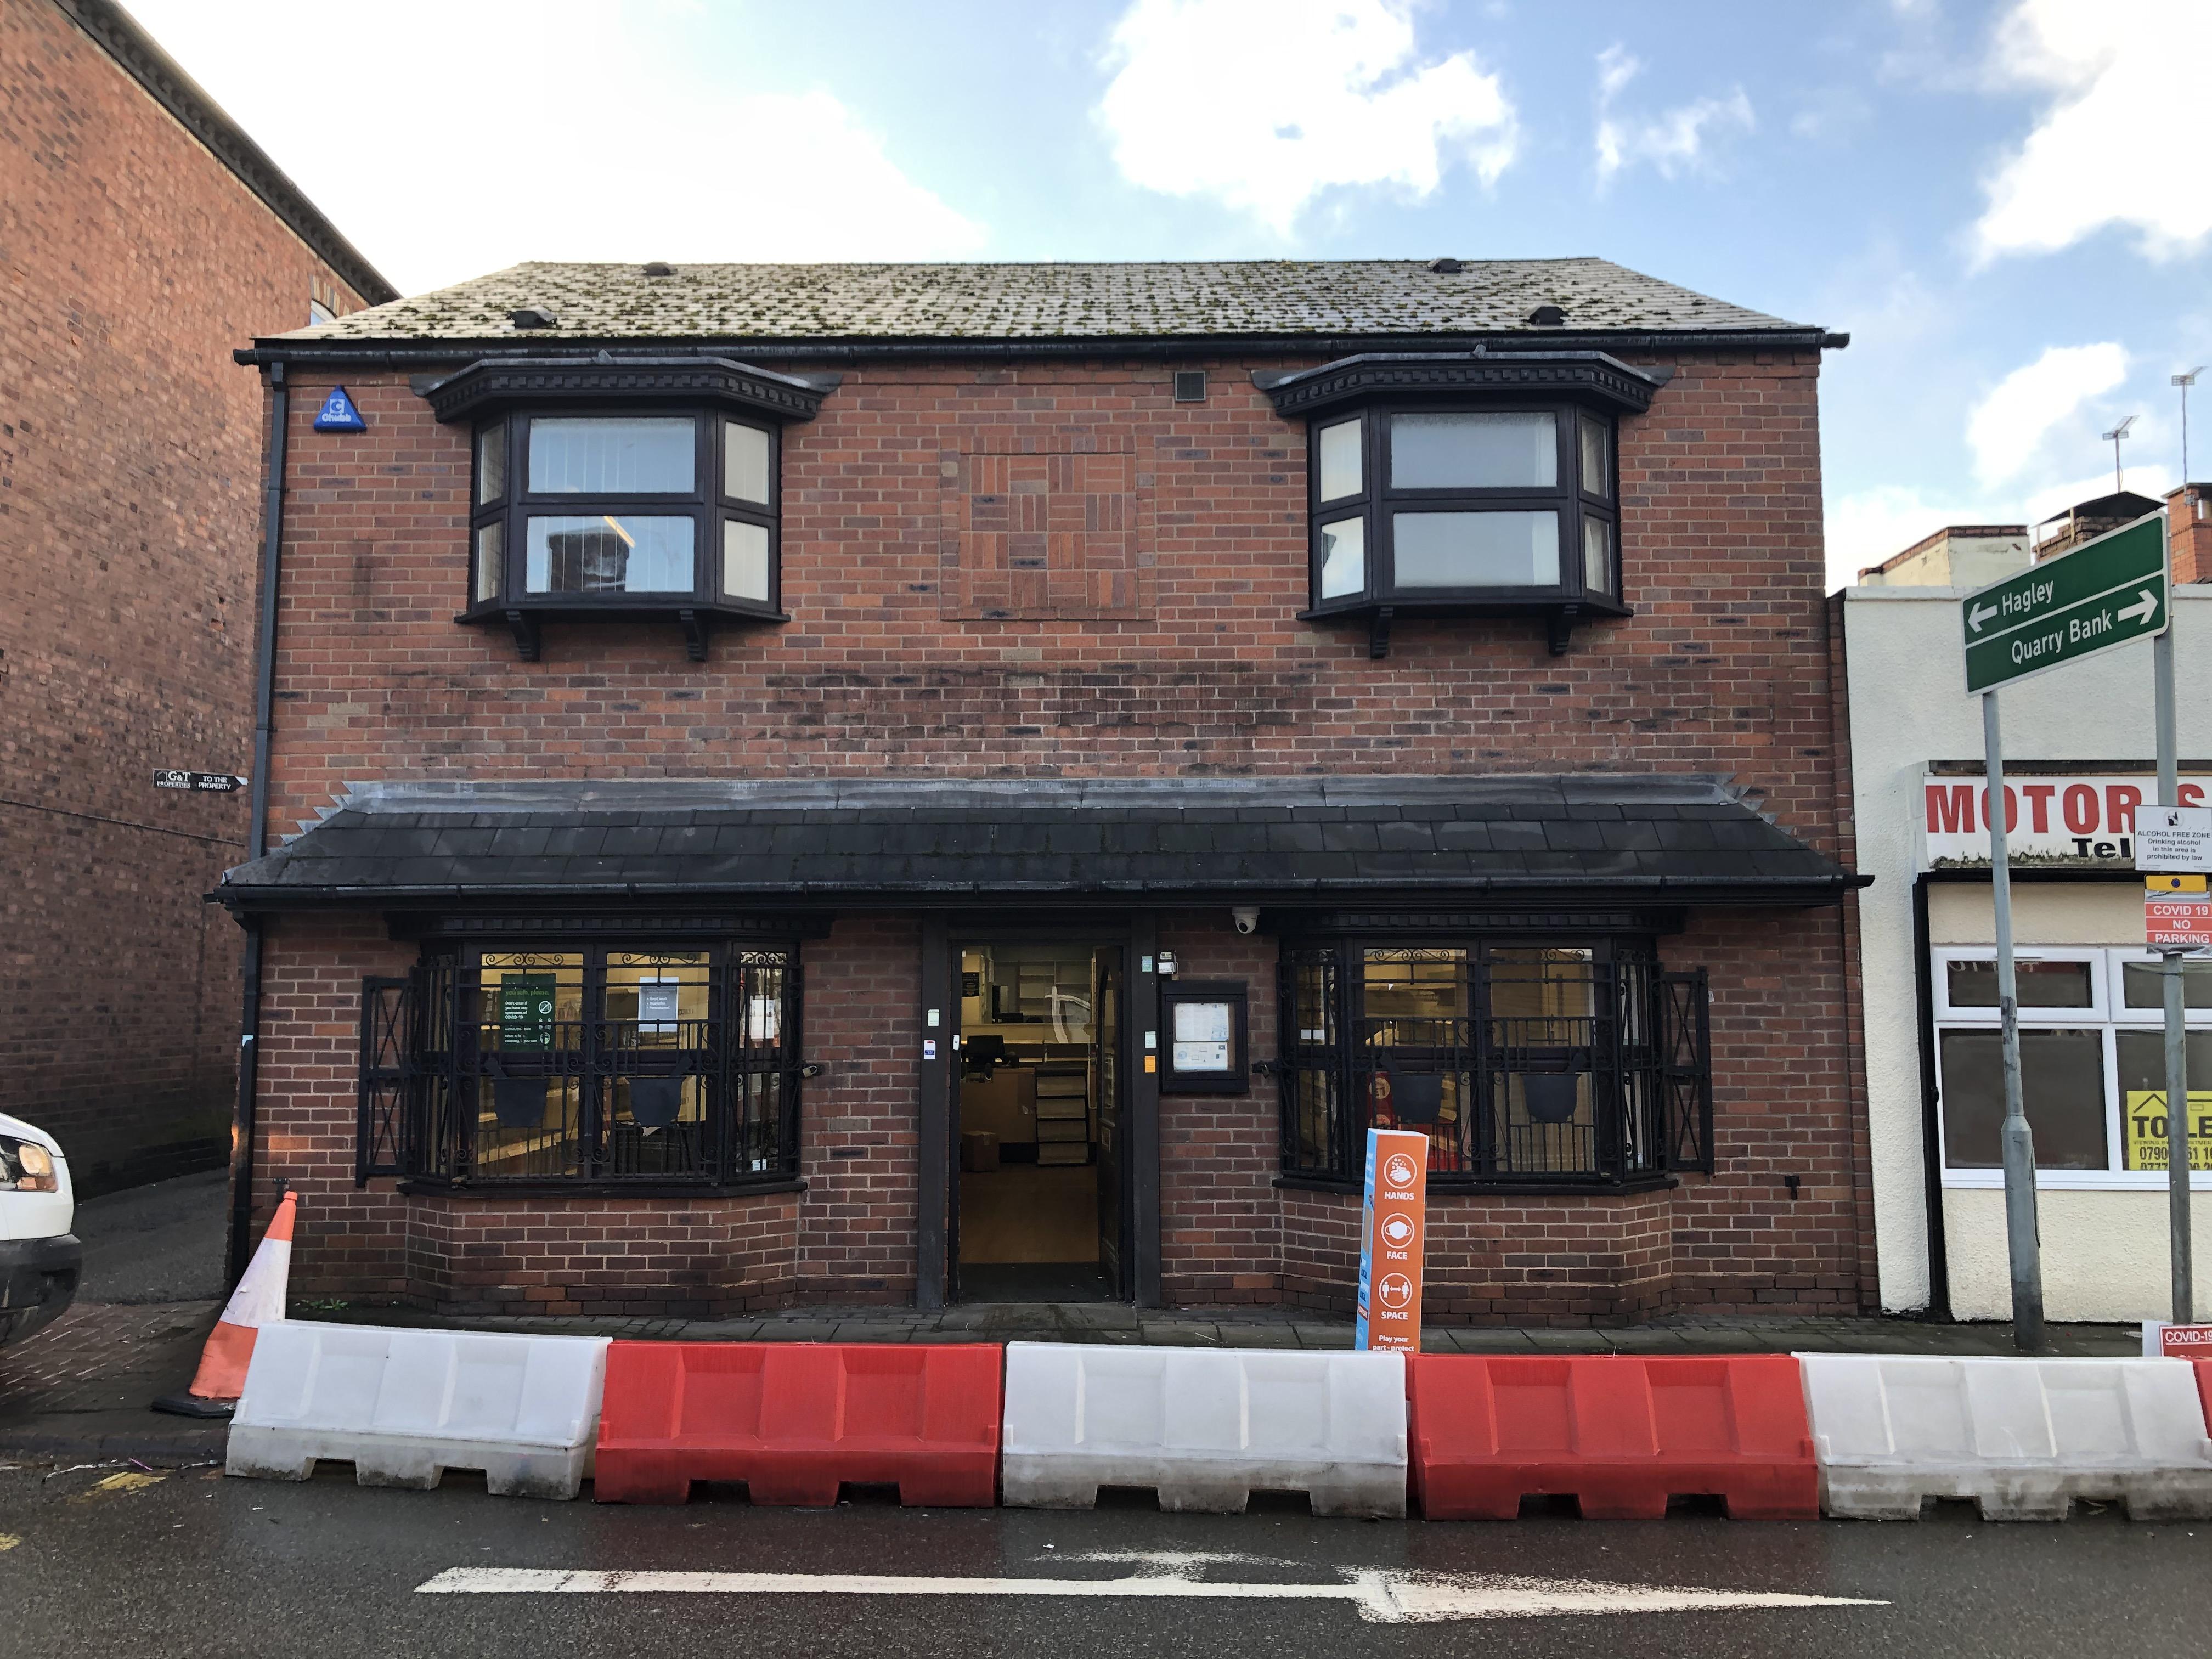 209 High Street Stourbridge - Click for more details